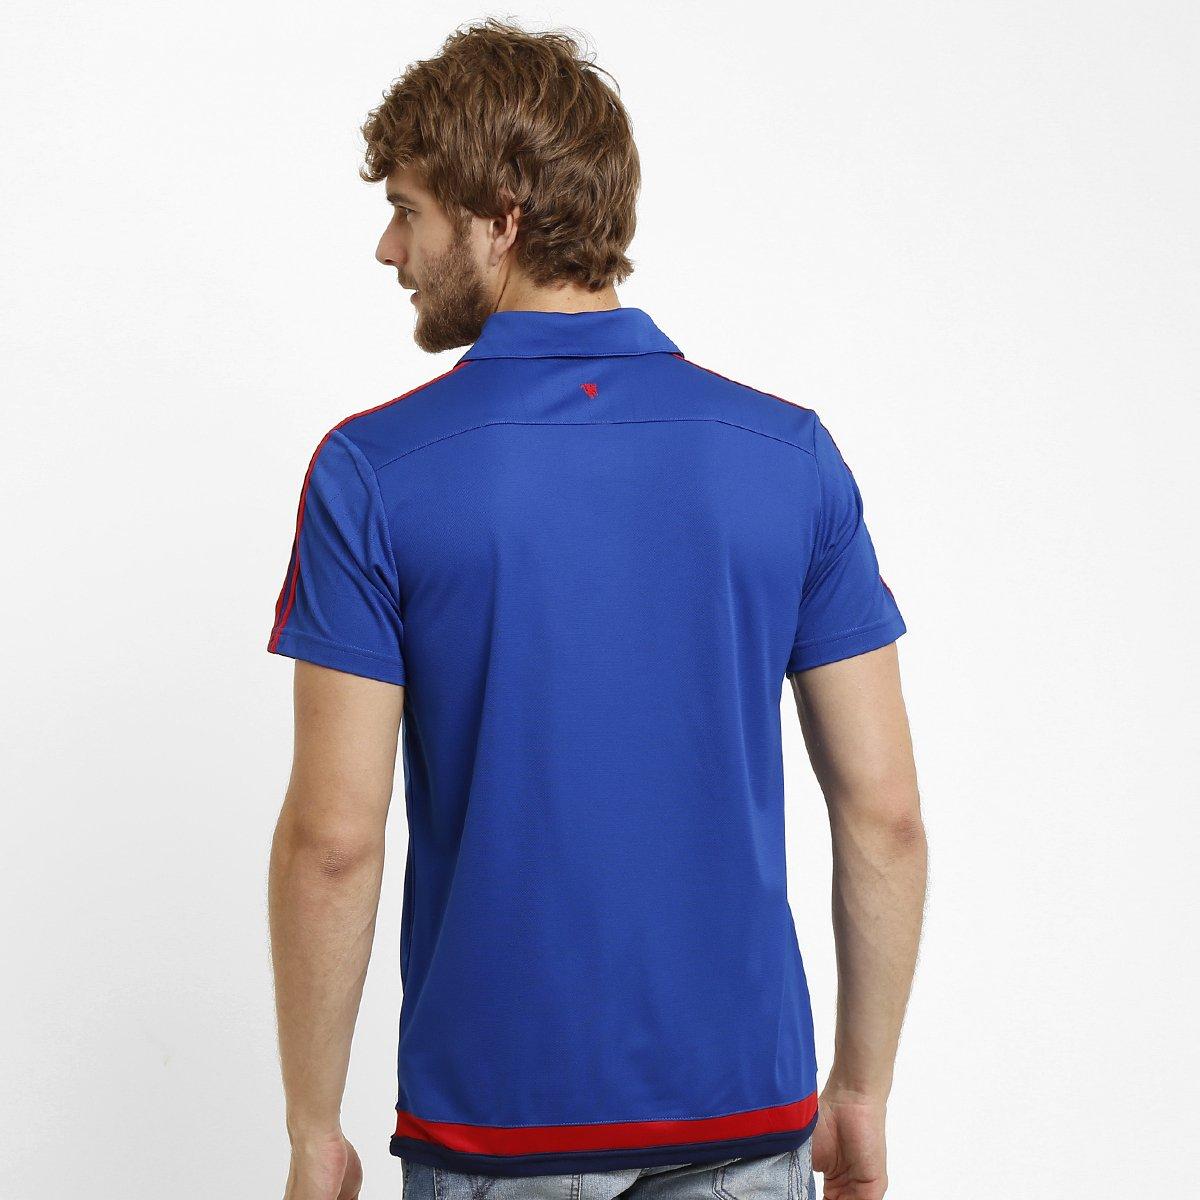 Camisa Polo Adidas Manchester United Viagem - Compre Agora  01d67a2e20832